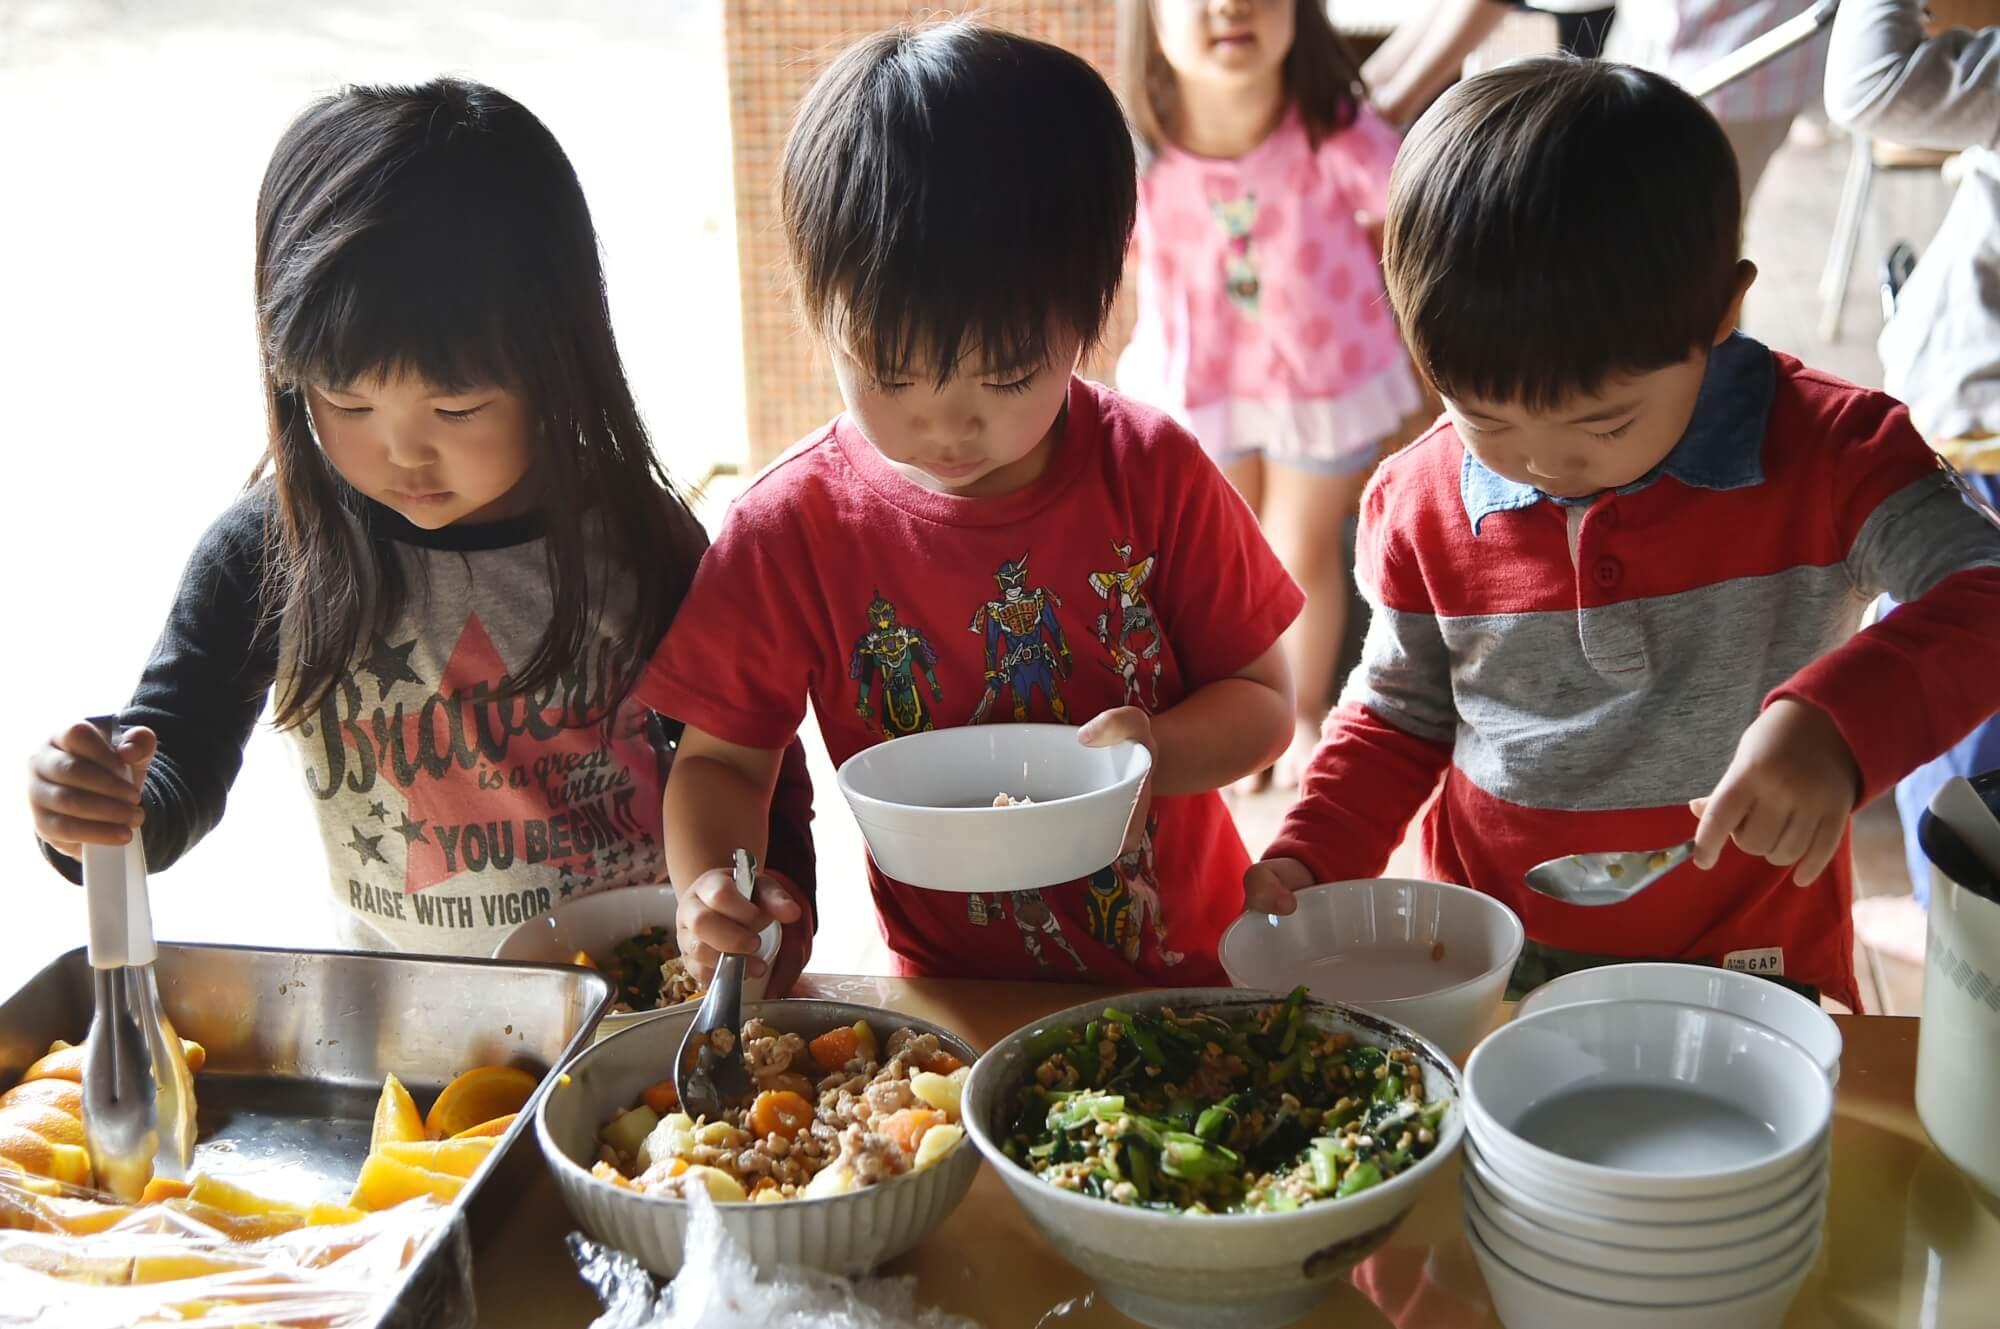 食事を自分で盛りつける子どもたち